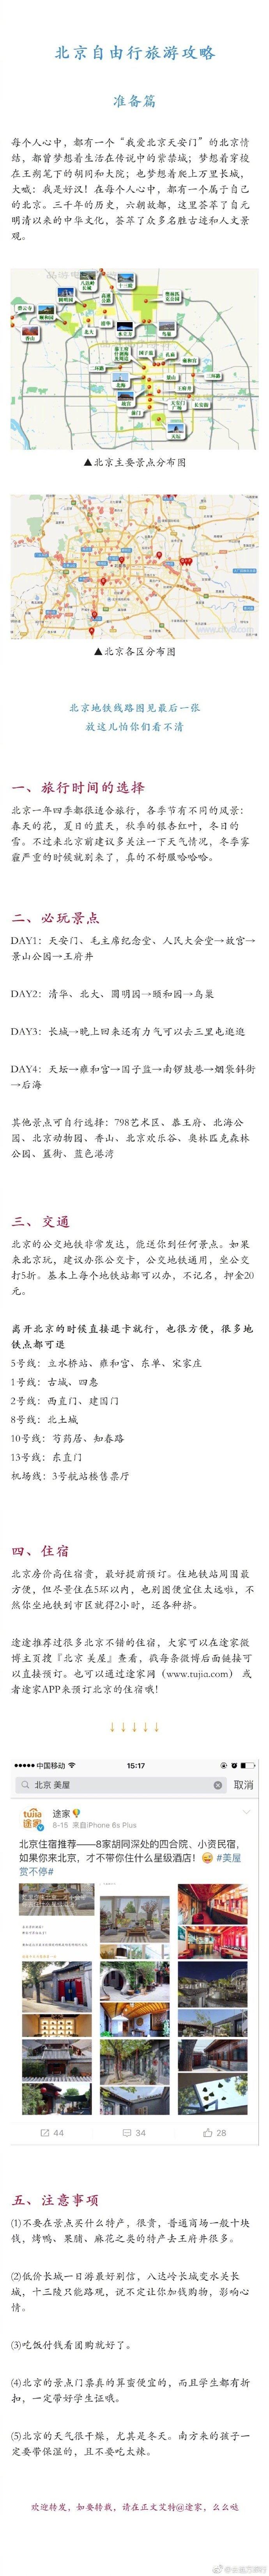 『北京旅行攻略』包括:行前准备,主要景点,必吃美食,热门住宿